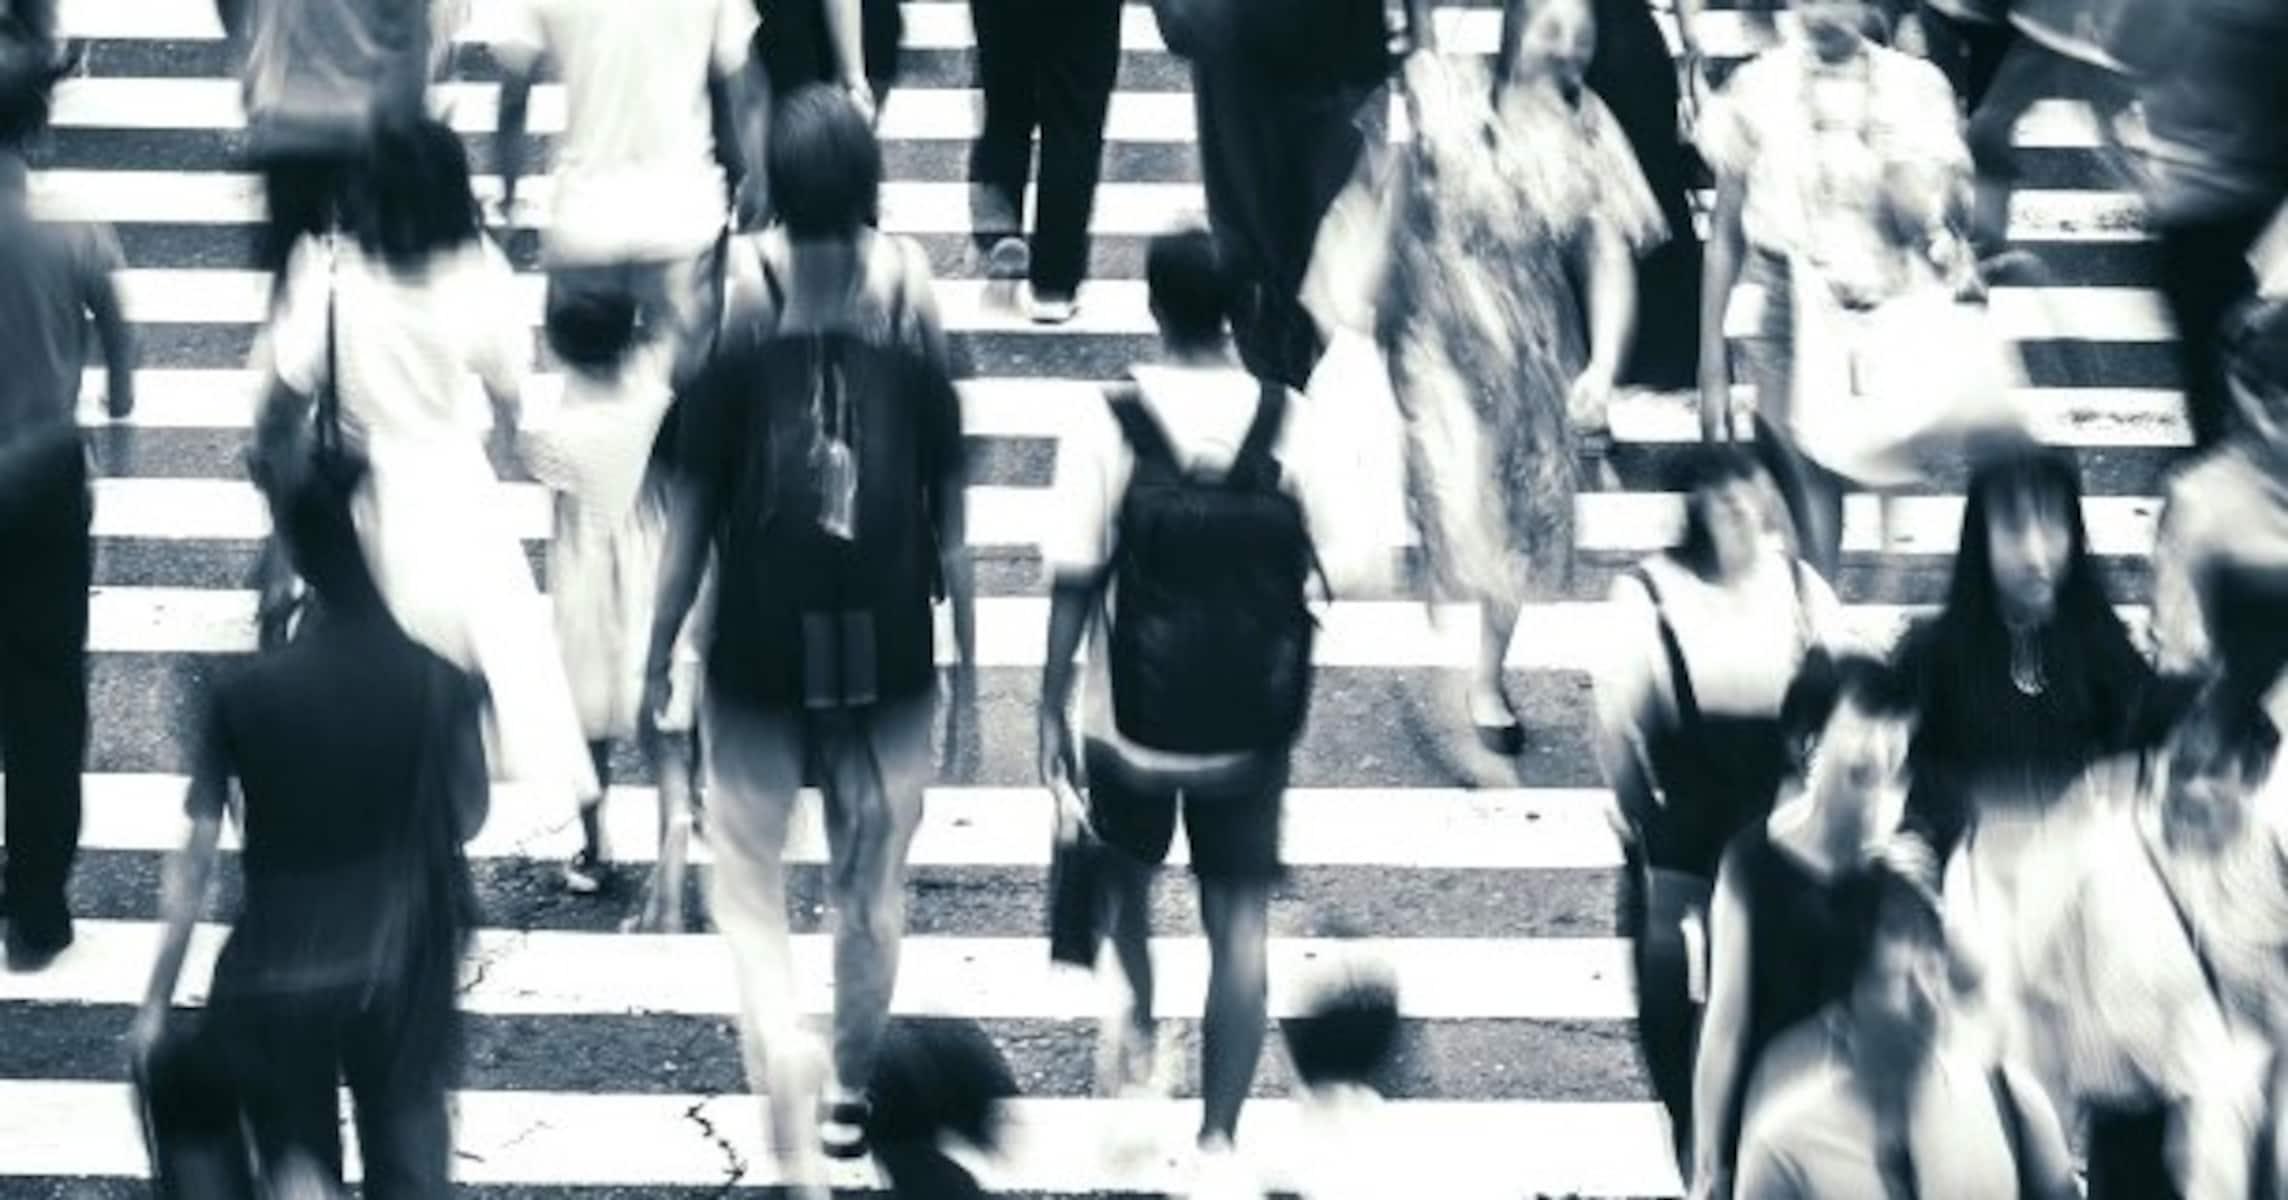 【驚愕】格差, 監視, 支配… 絶望が支配する社会を描いた傑作『ディストピア映画』3選